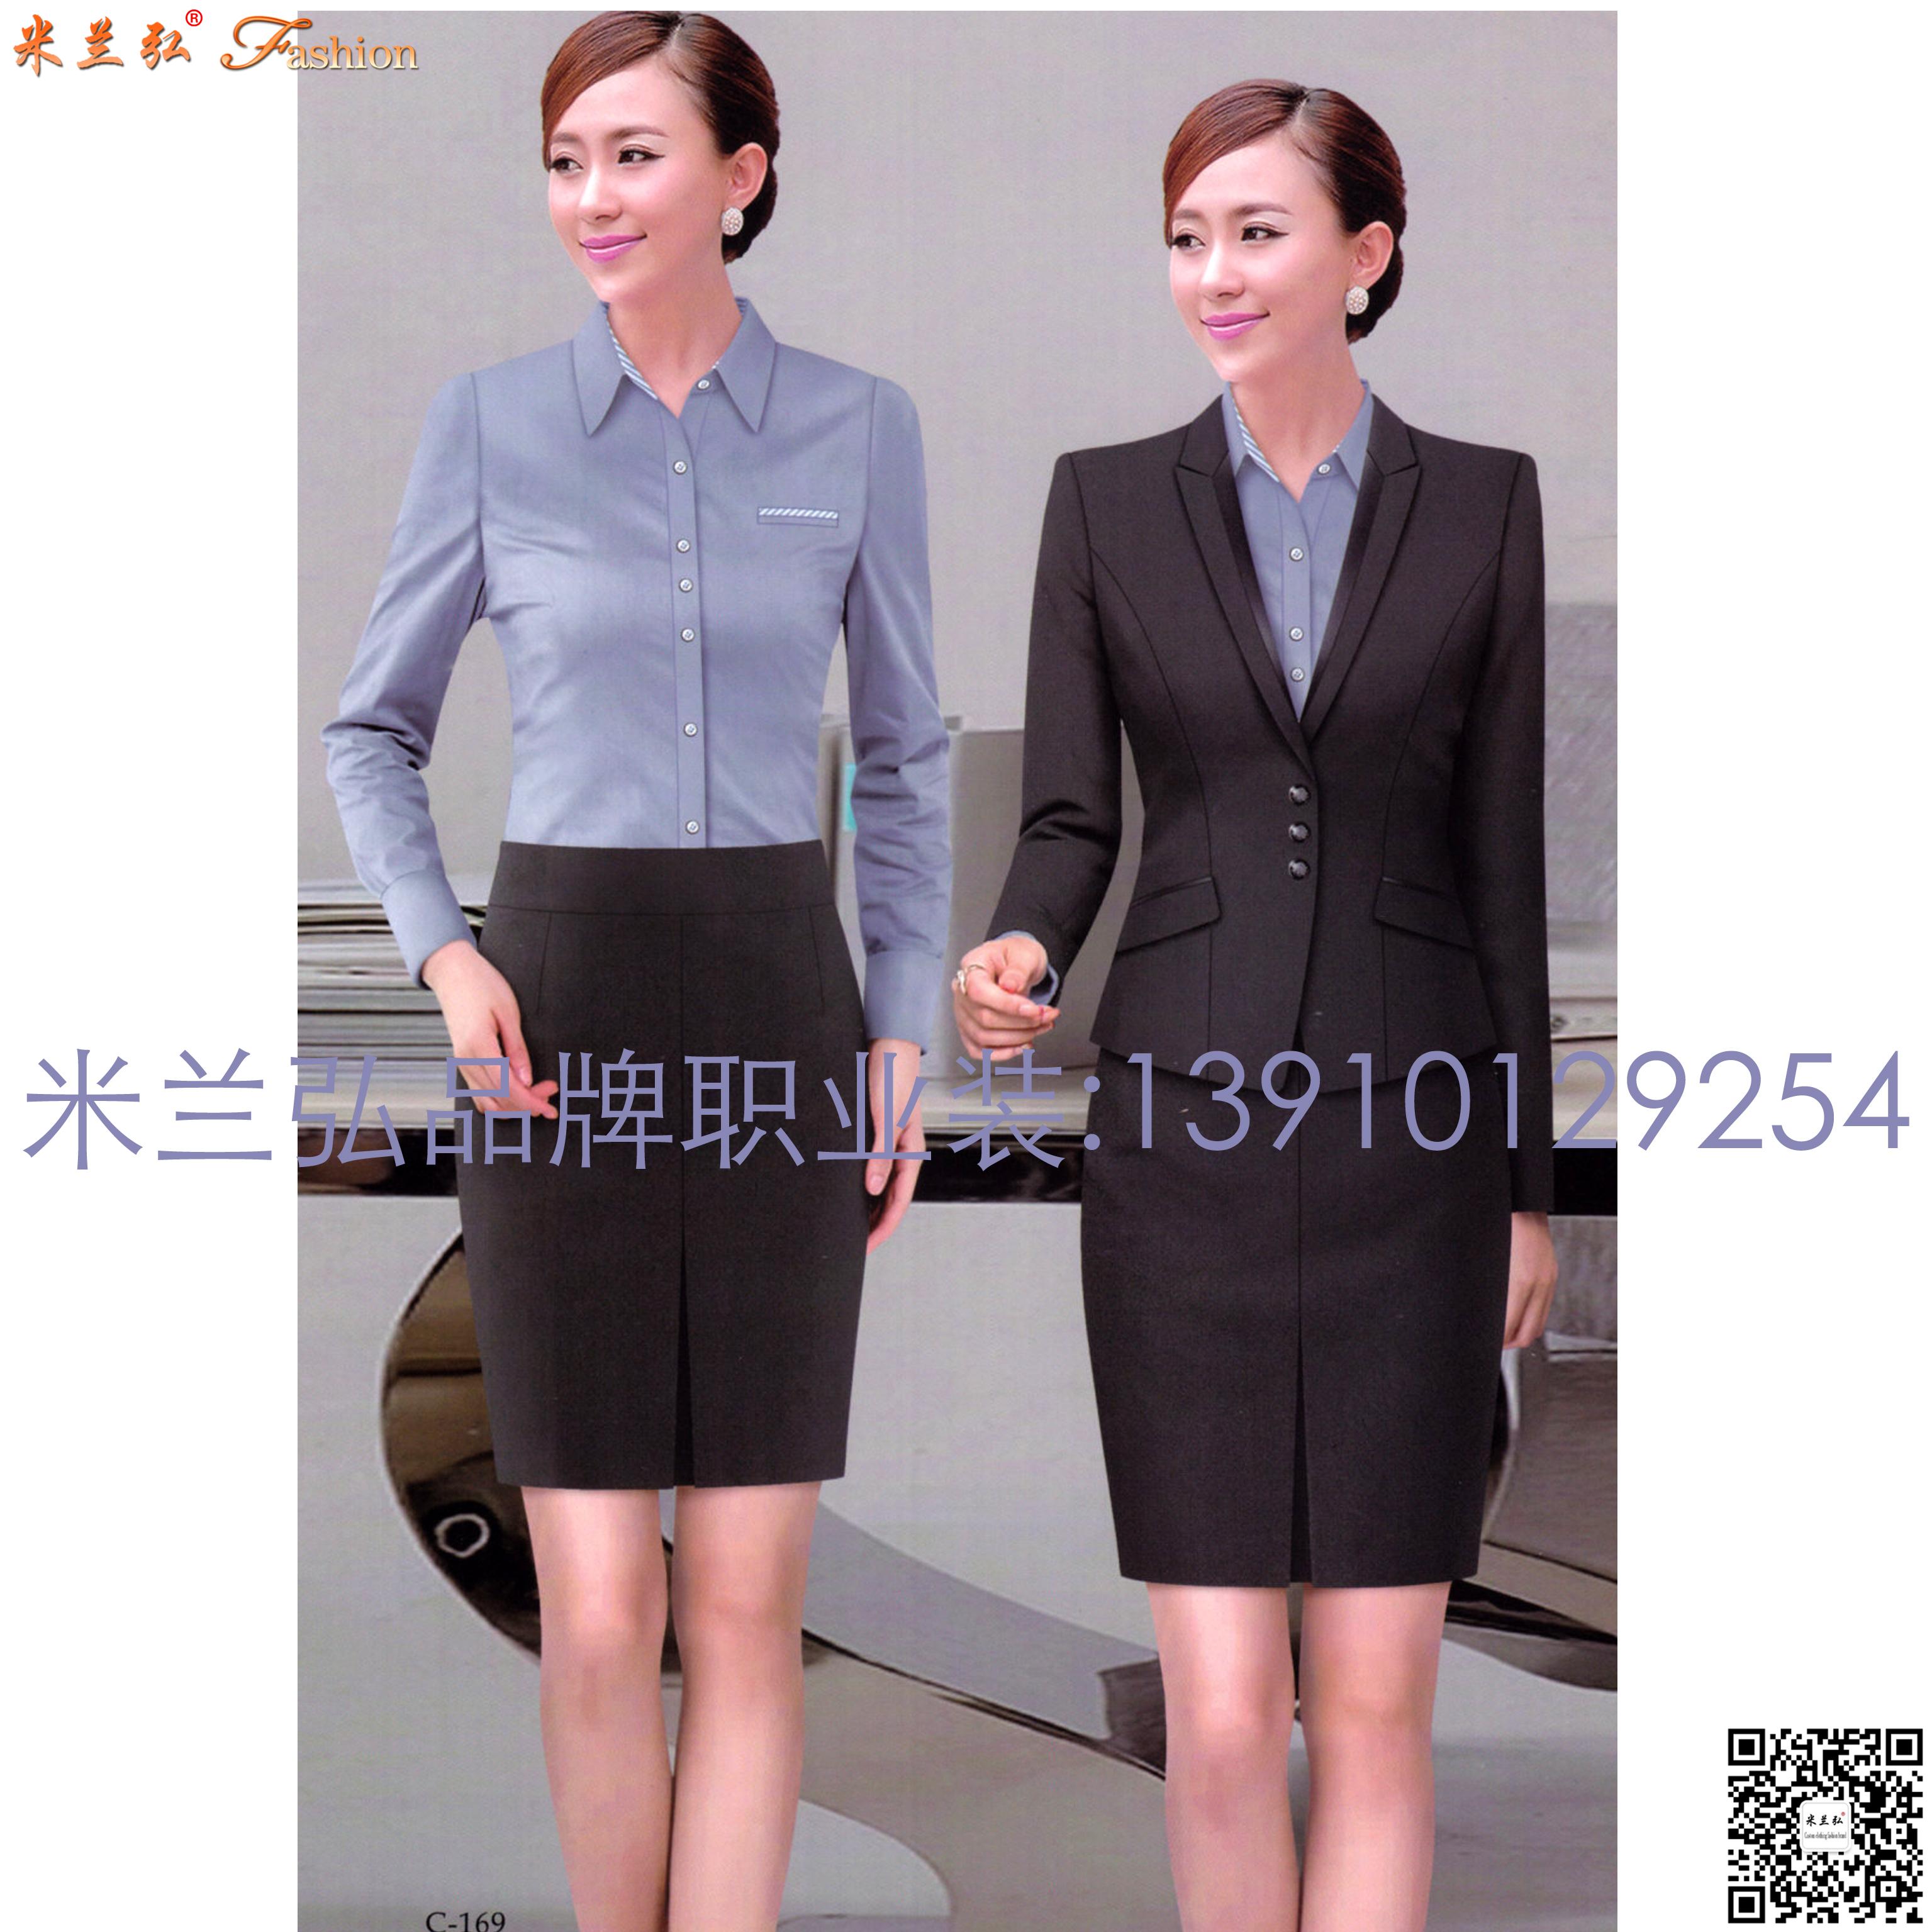 北京哪里可以定做西服北京西服時尚職業裝韓版女裝量身定做西服辦公室制服定做-2